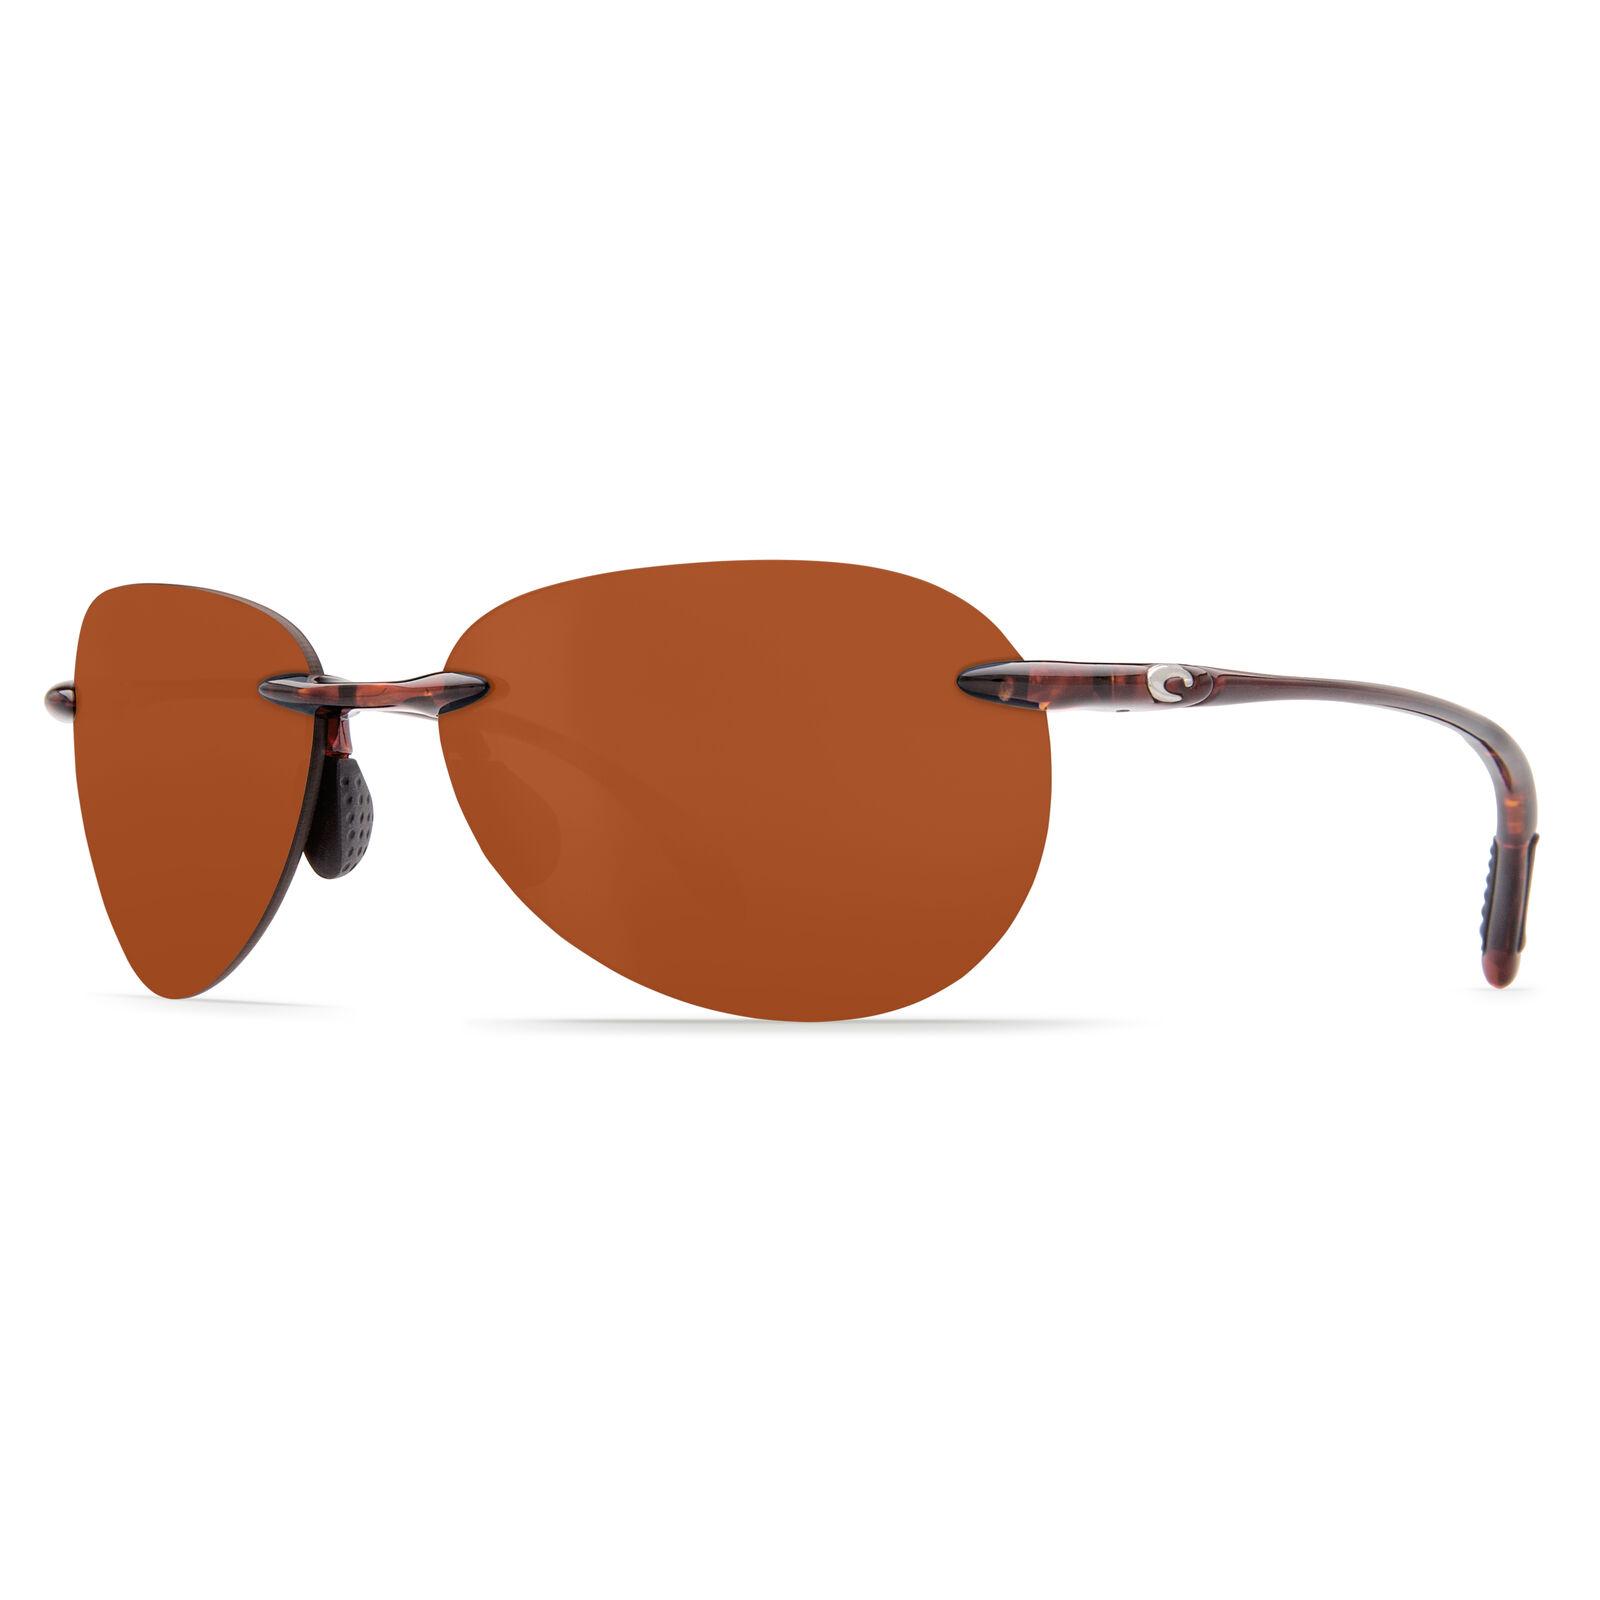 Costa Del Mar West Bay Sunglasses